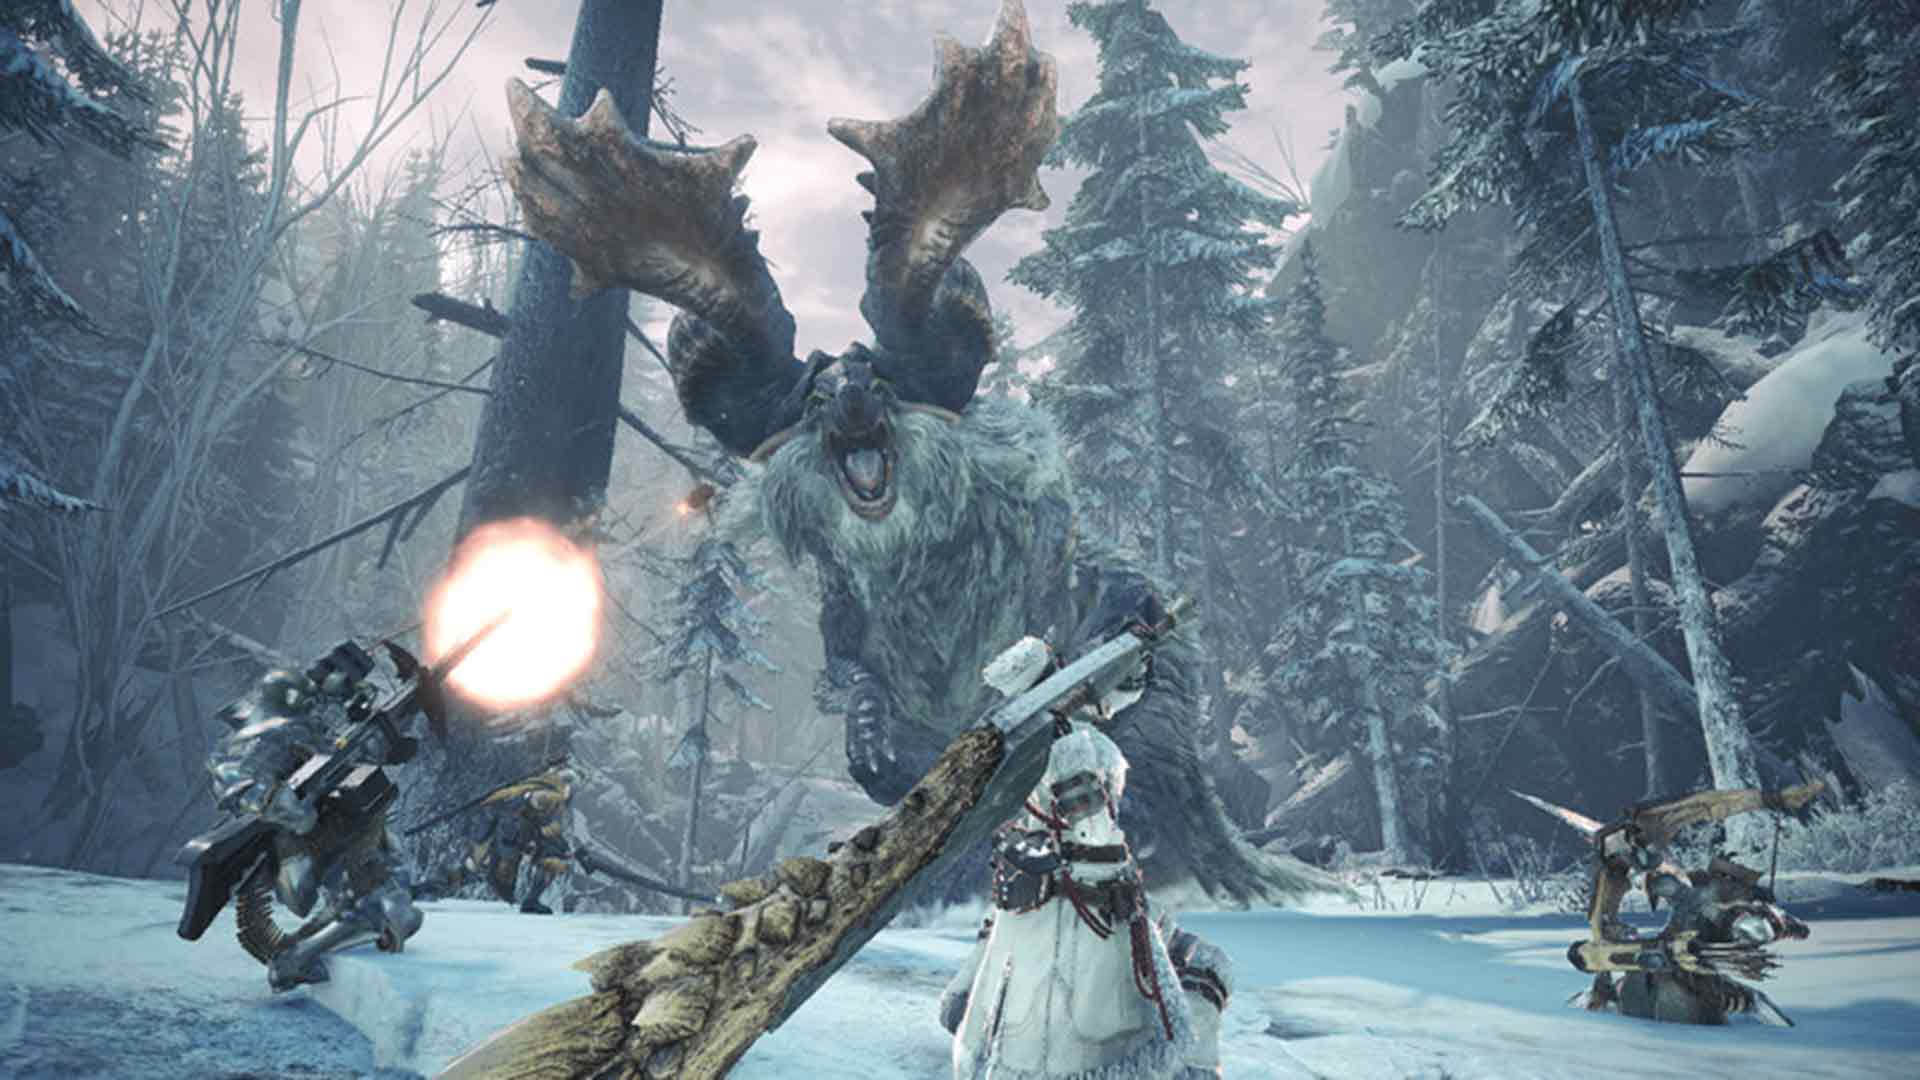 Monster Hunter: World – Iceborne game image